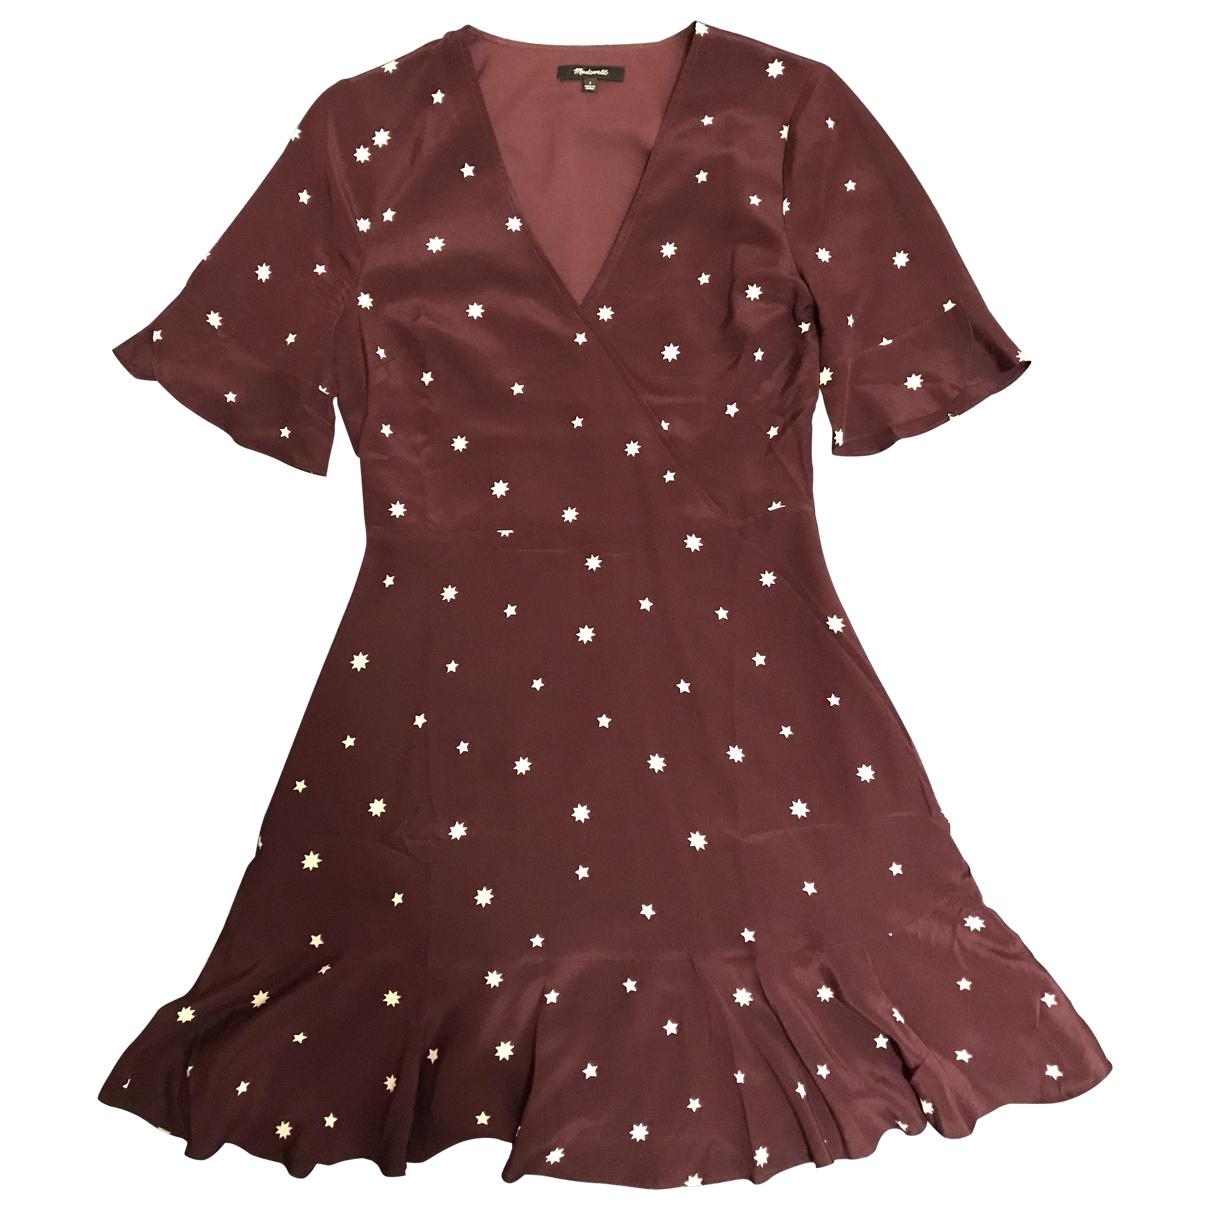 Madewell \N Kleid in  Bordeauxrot Seide